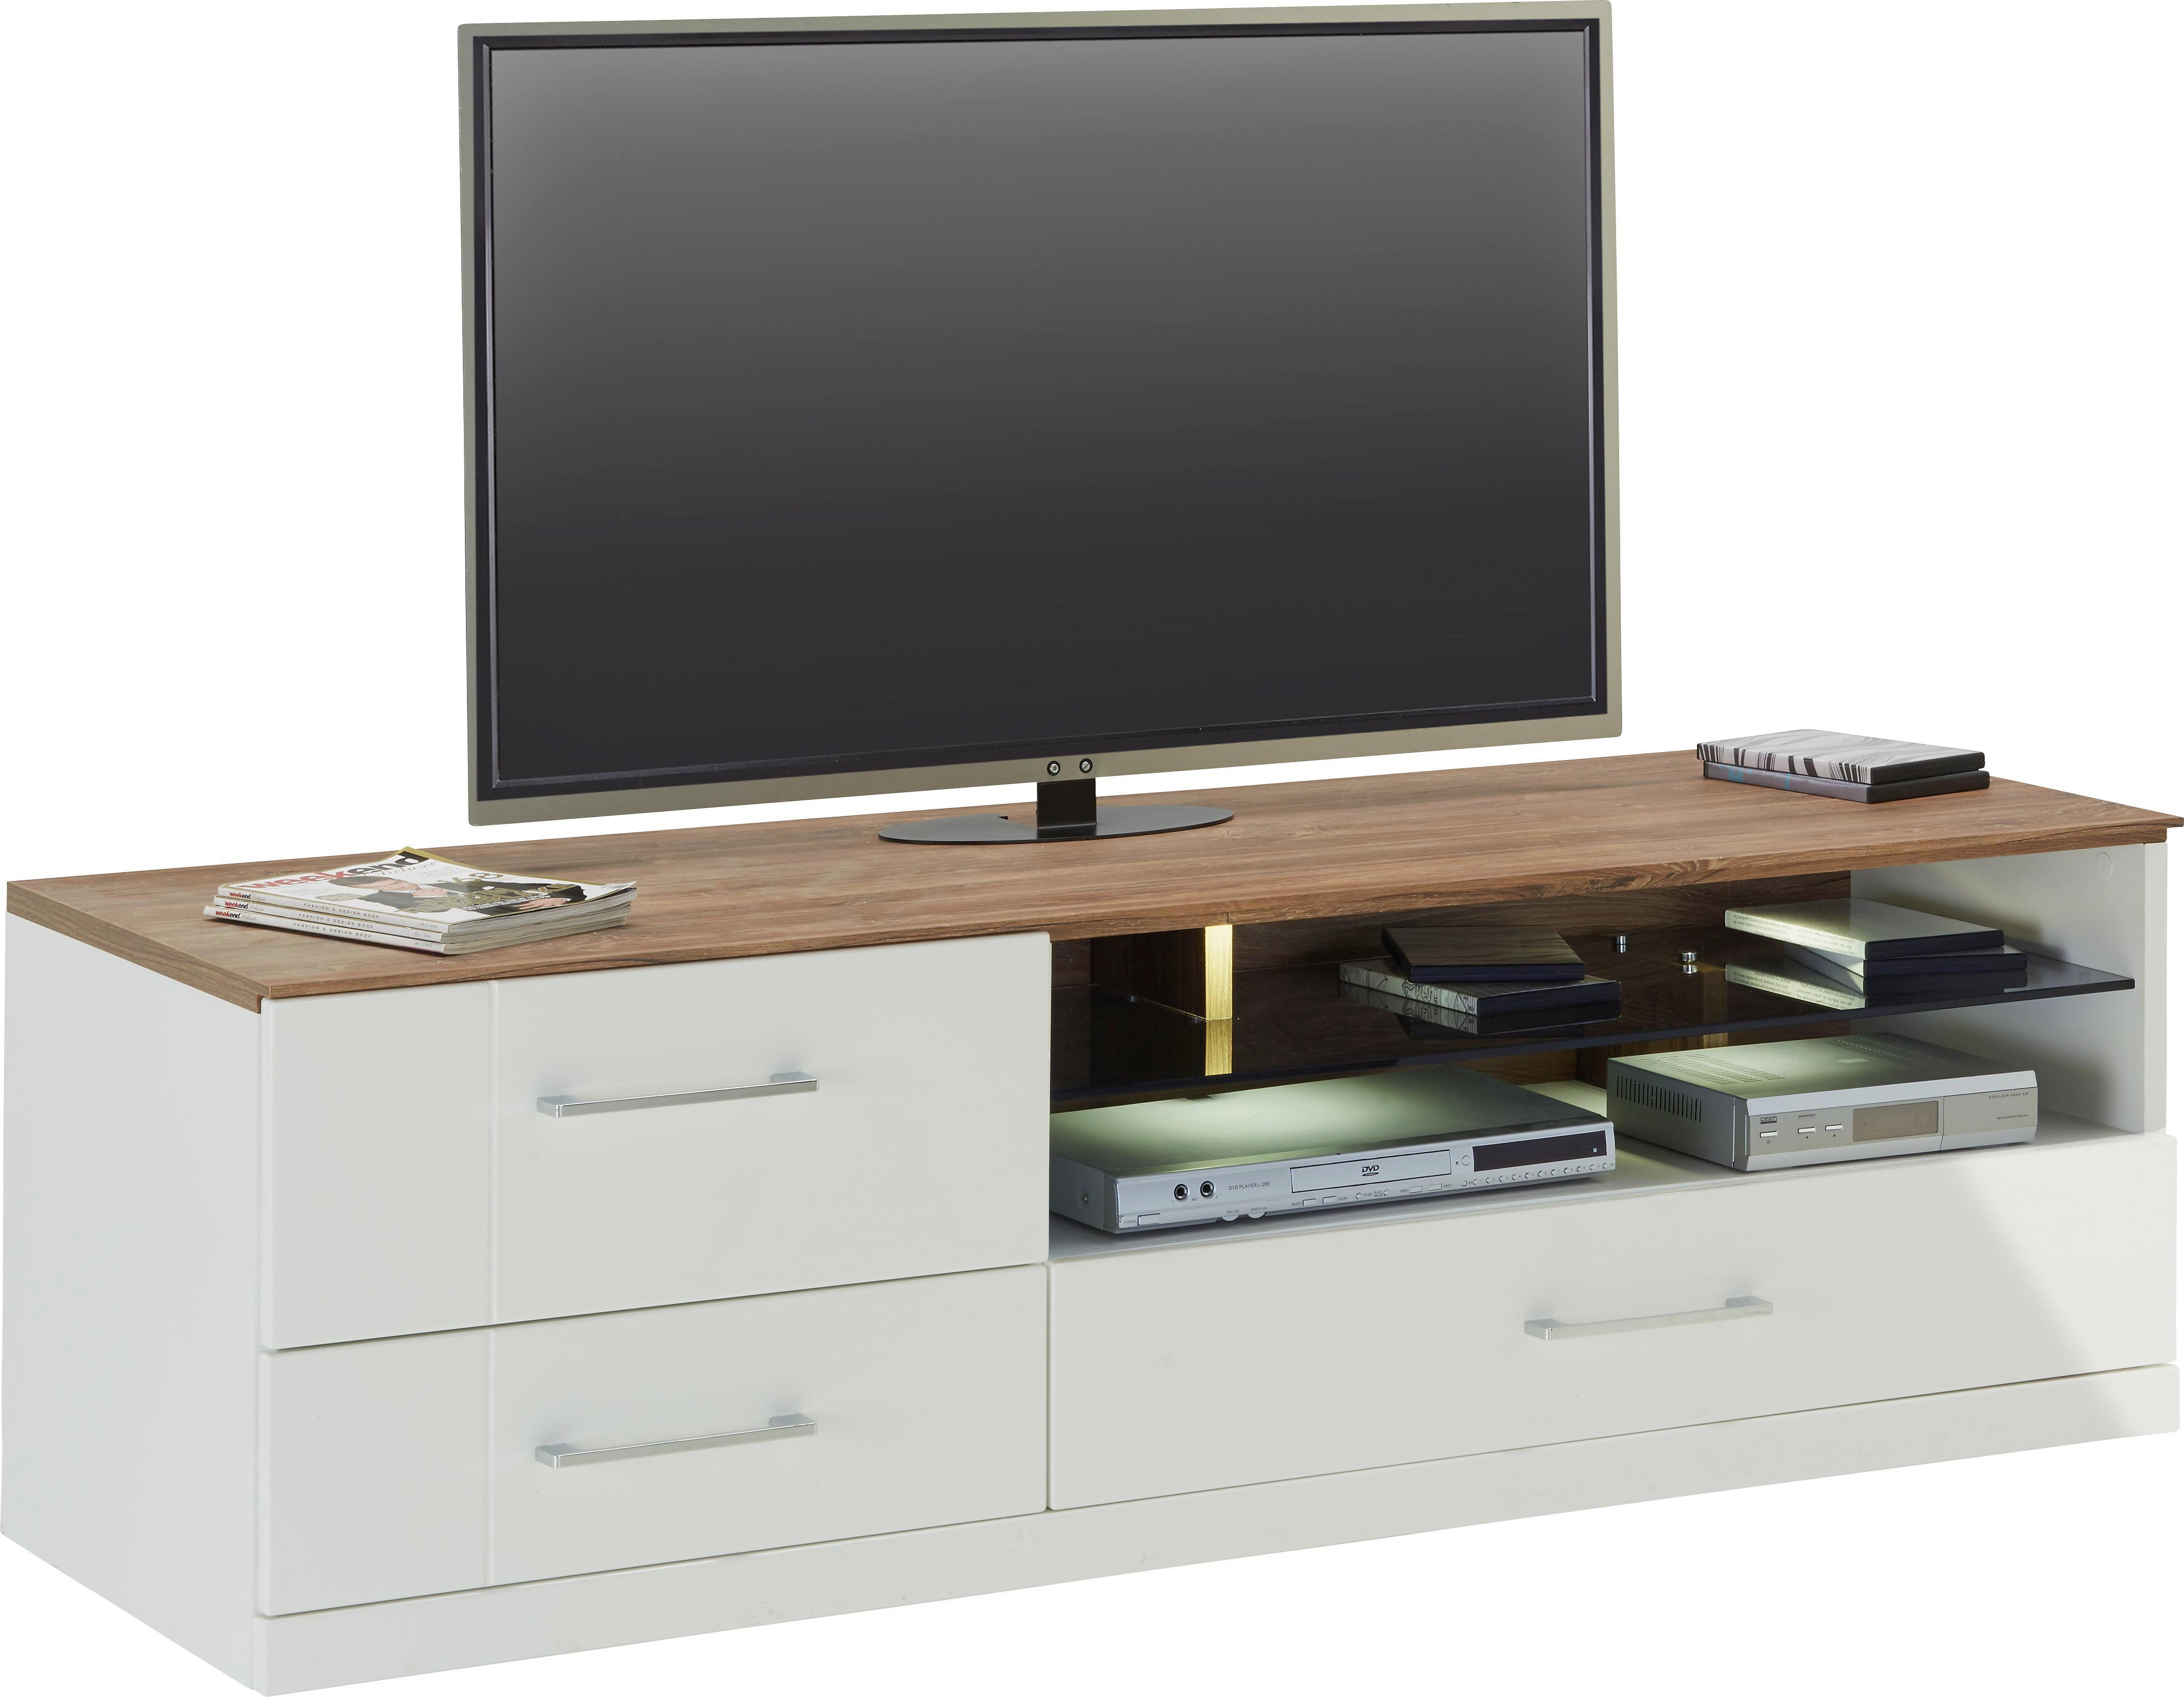 TV-Element Weiß Hochglanz - Weiß/Akaziefarben, Design, Holz (160/49/50cm) - PREMIUM LIVING